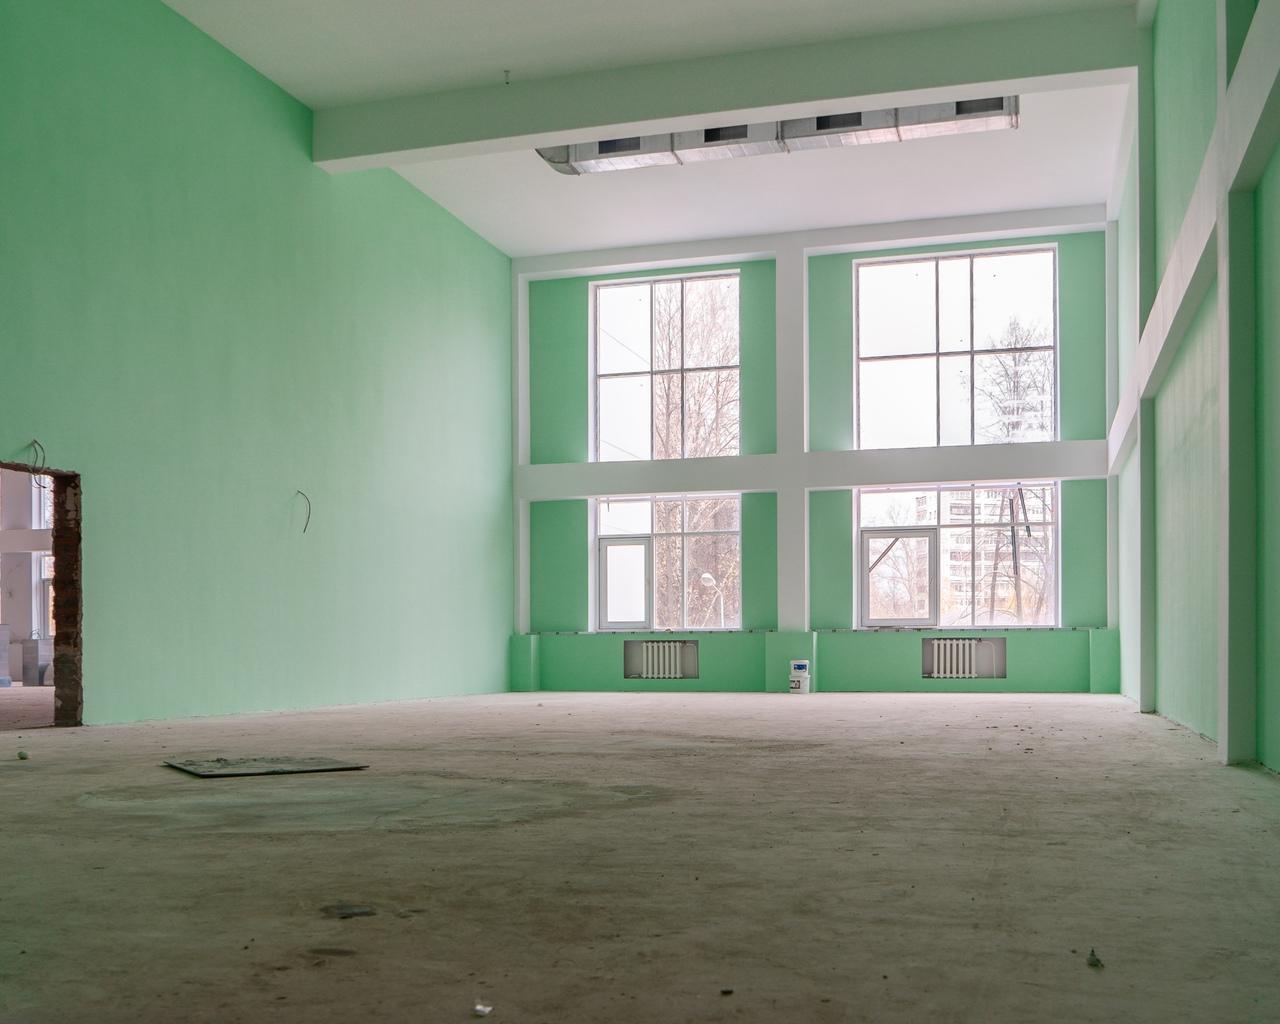 строительство школы, чайковский район, 2020 год